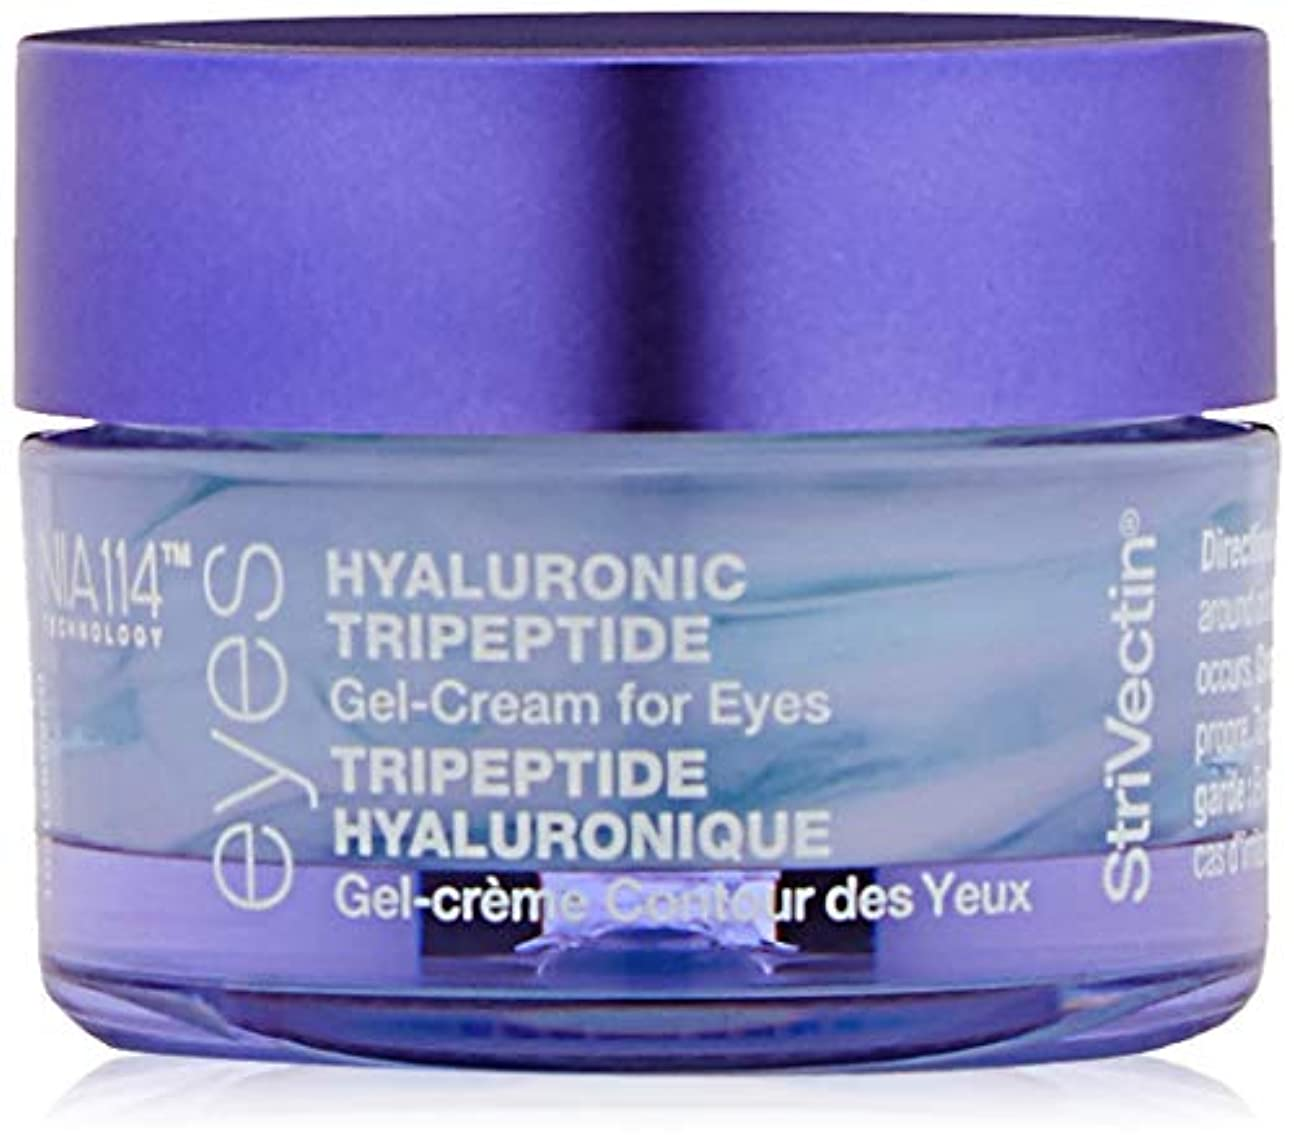 ノミネート付属品ばかげたHyaluronic Tripeptide Gel-Cream for Eyes